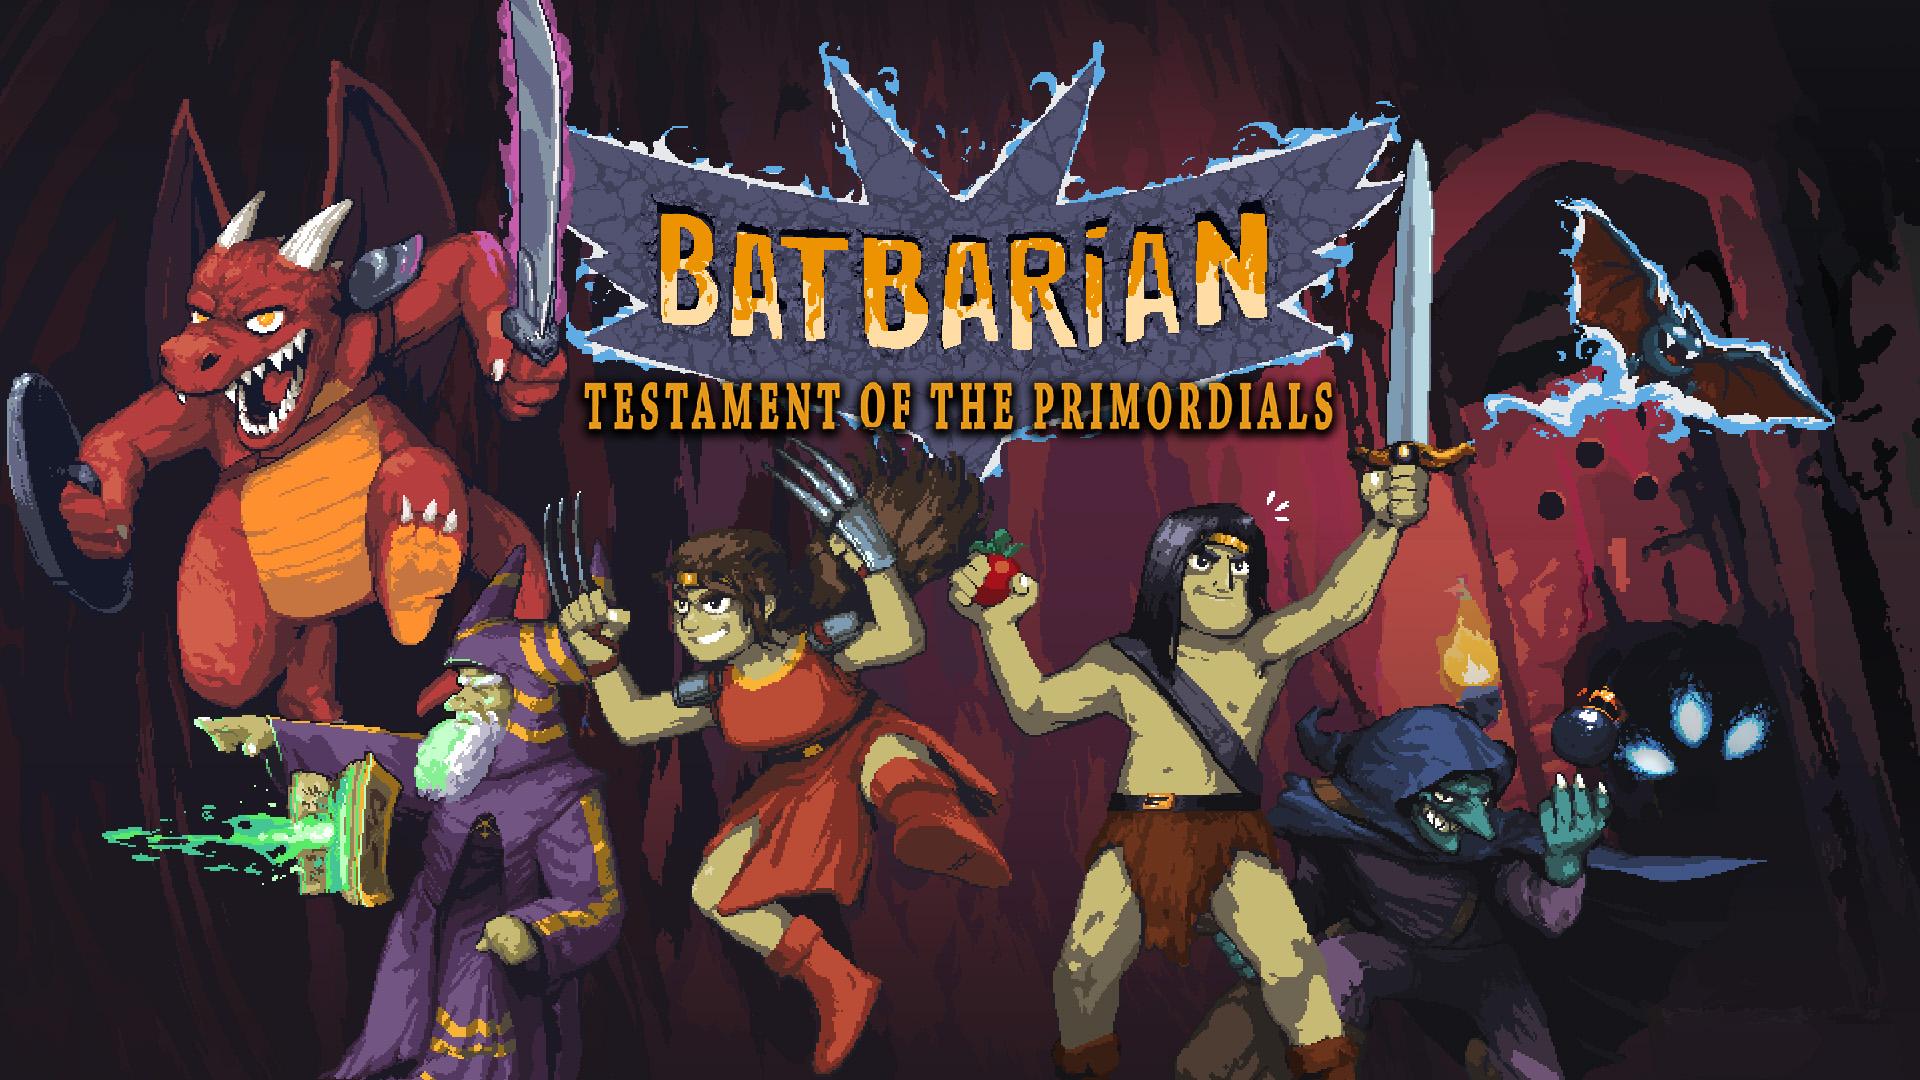 Batbarian: Testament of the Primordials Original Soundtrack